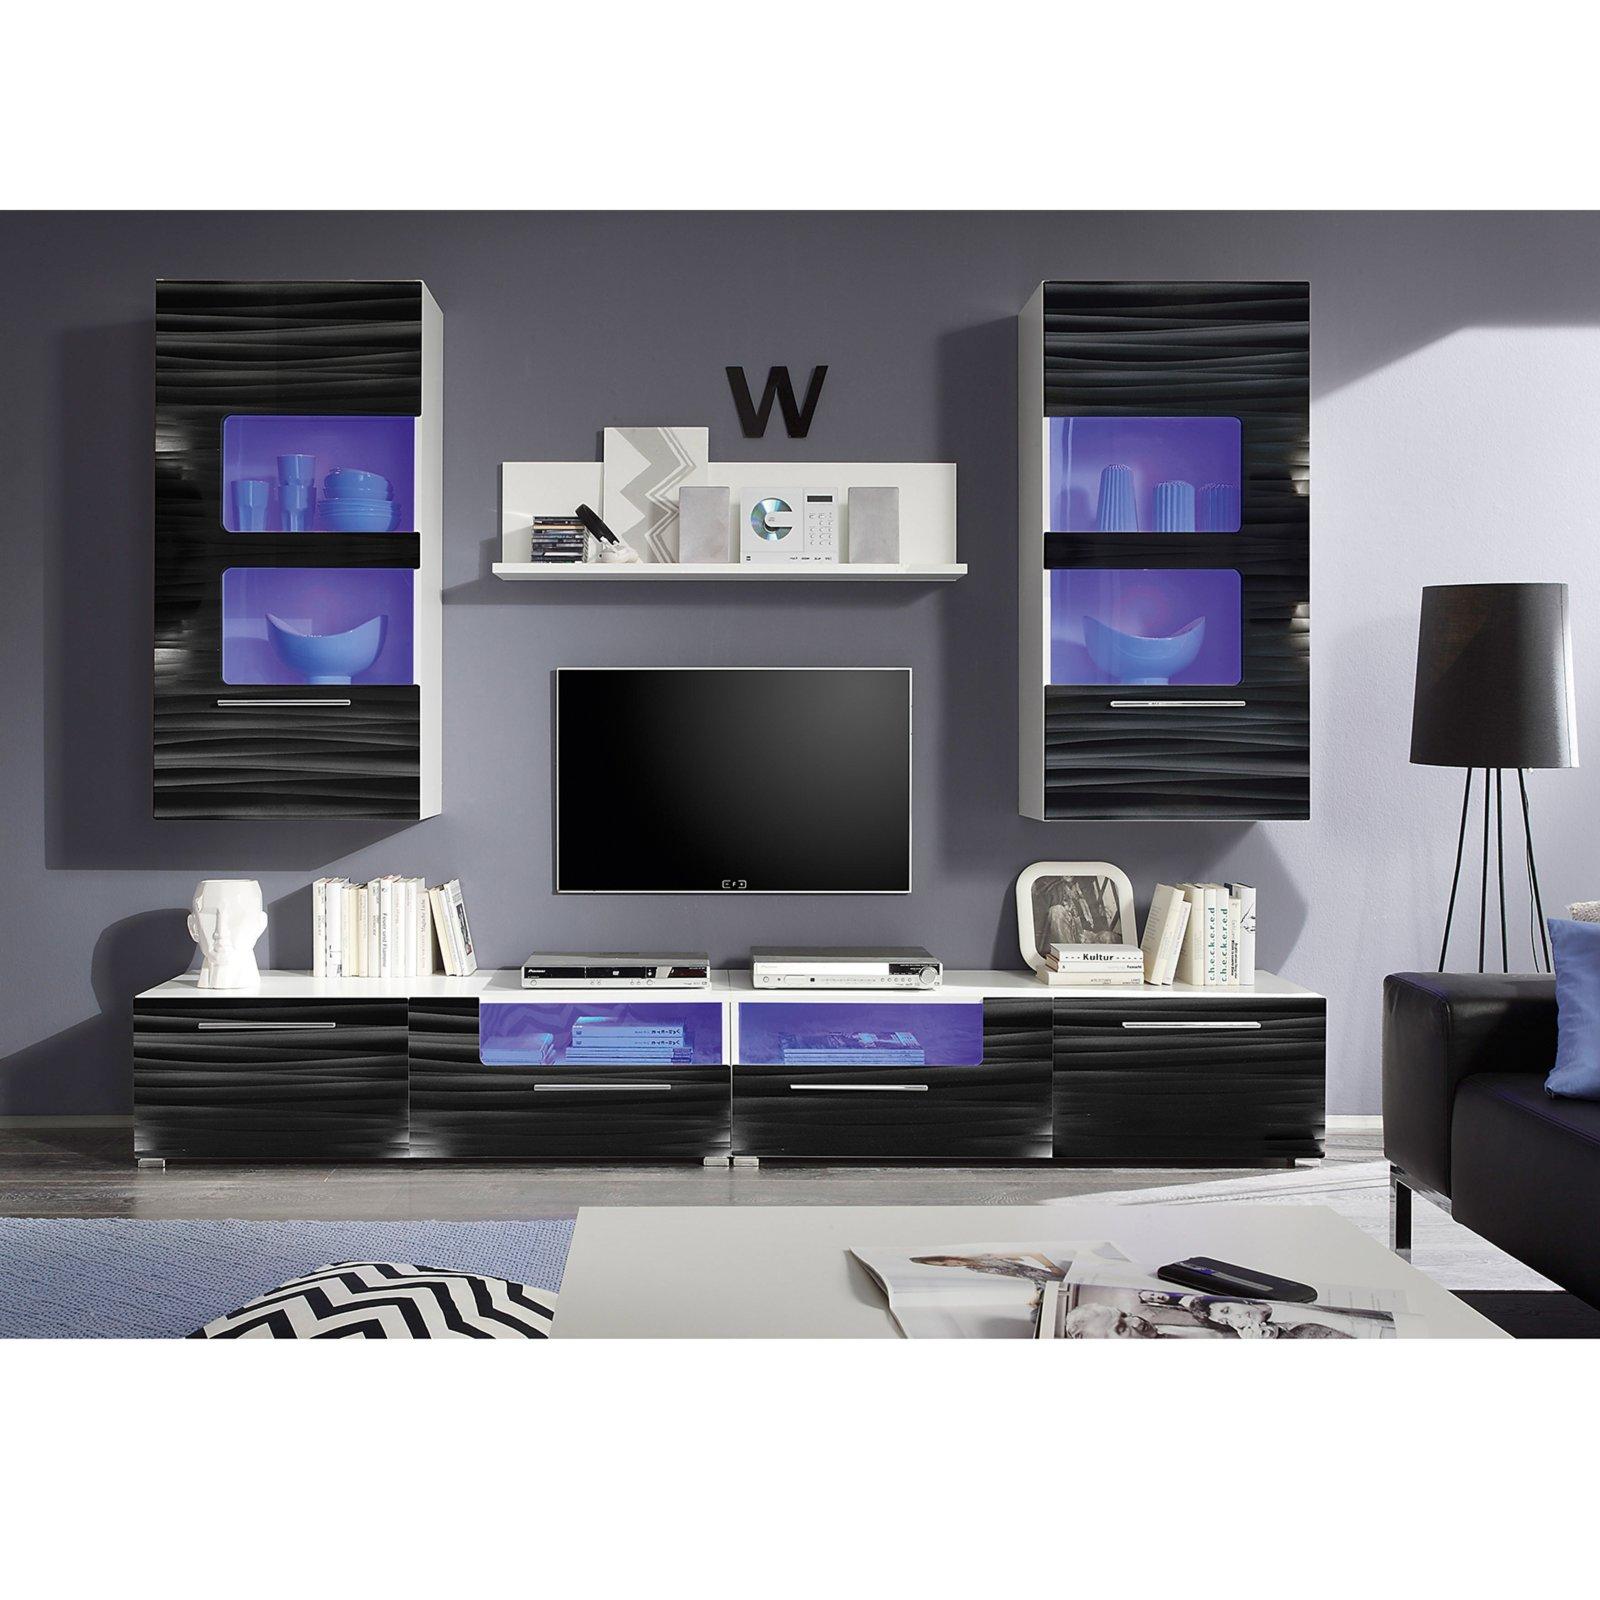 Wohnwand Corner Weiß Schwarz Hochglanz Blaue Beleuchtung